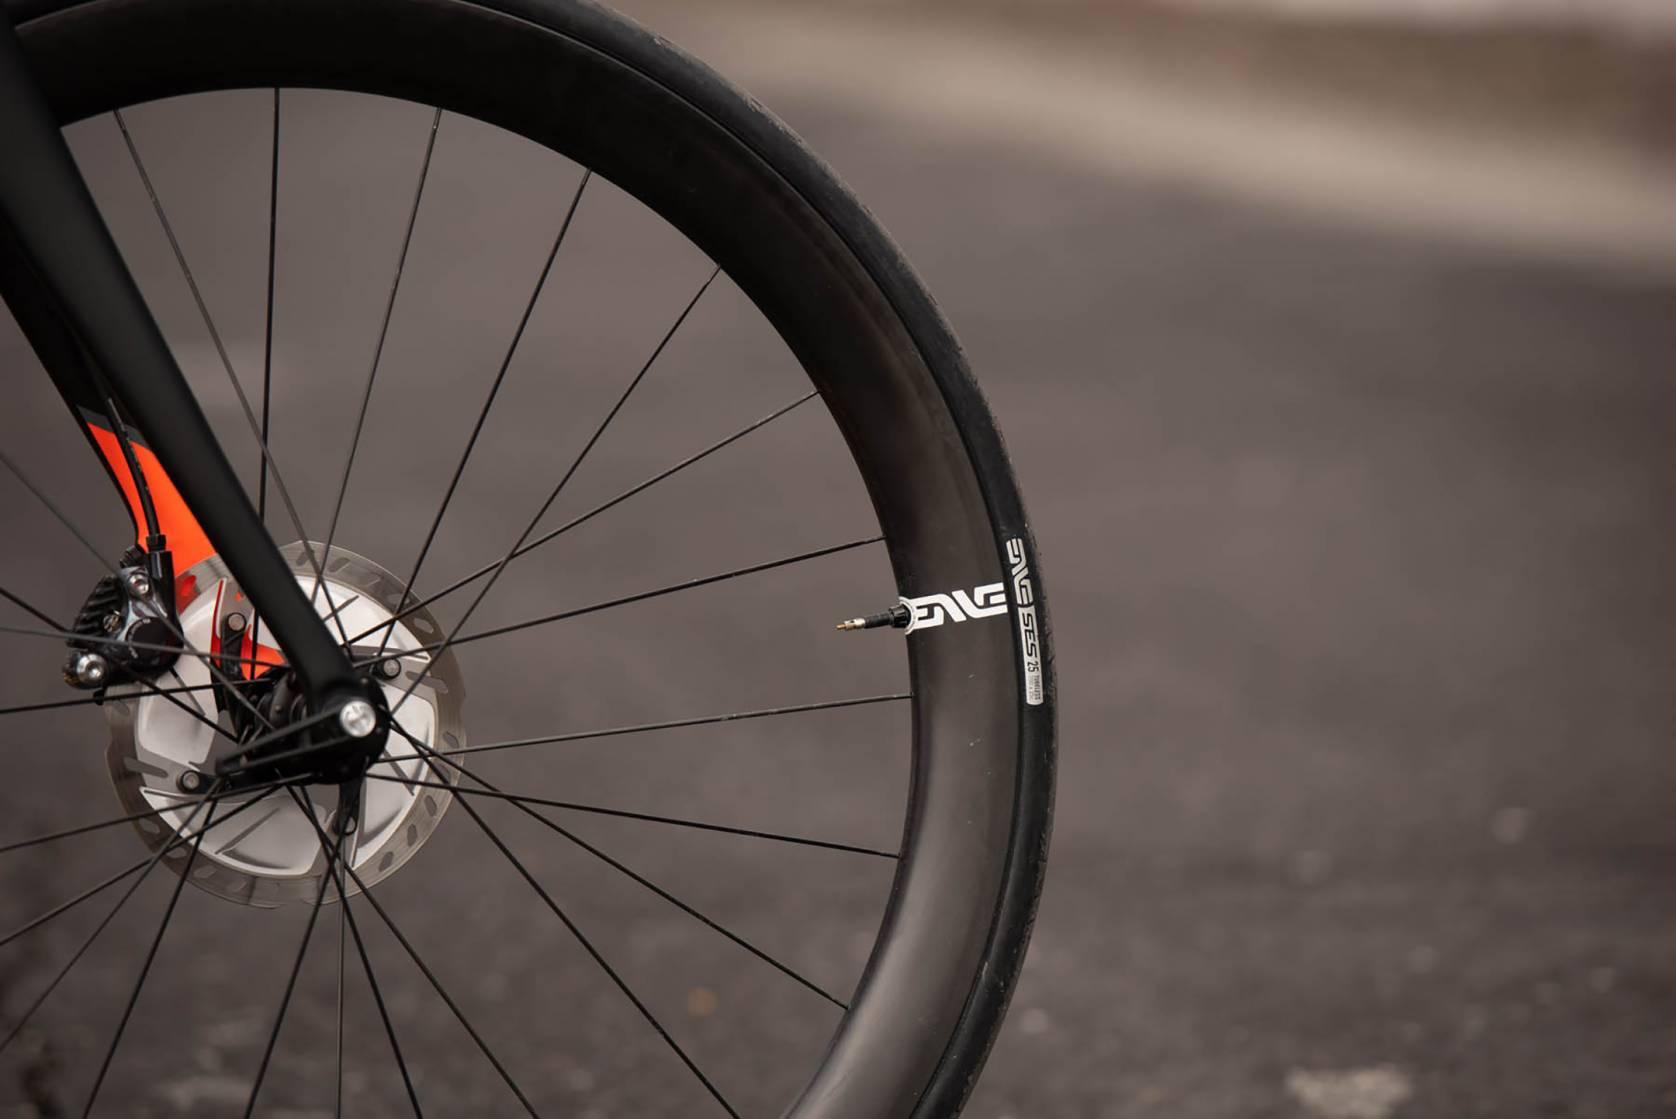 Enve SES Road Tire Collection